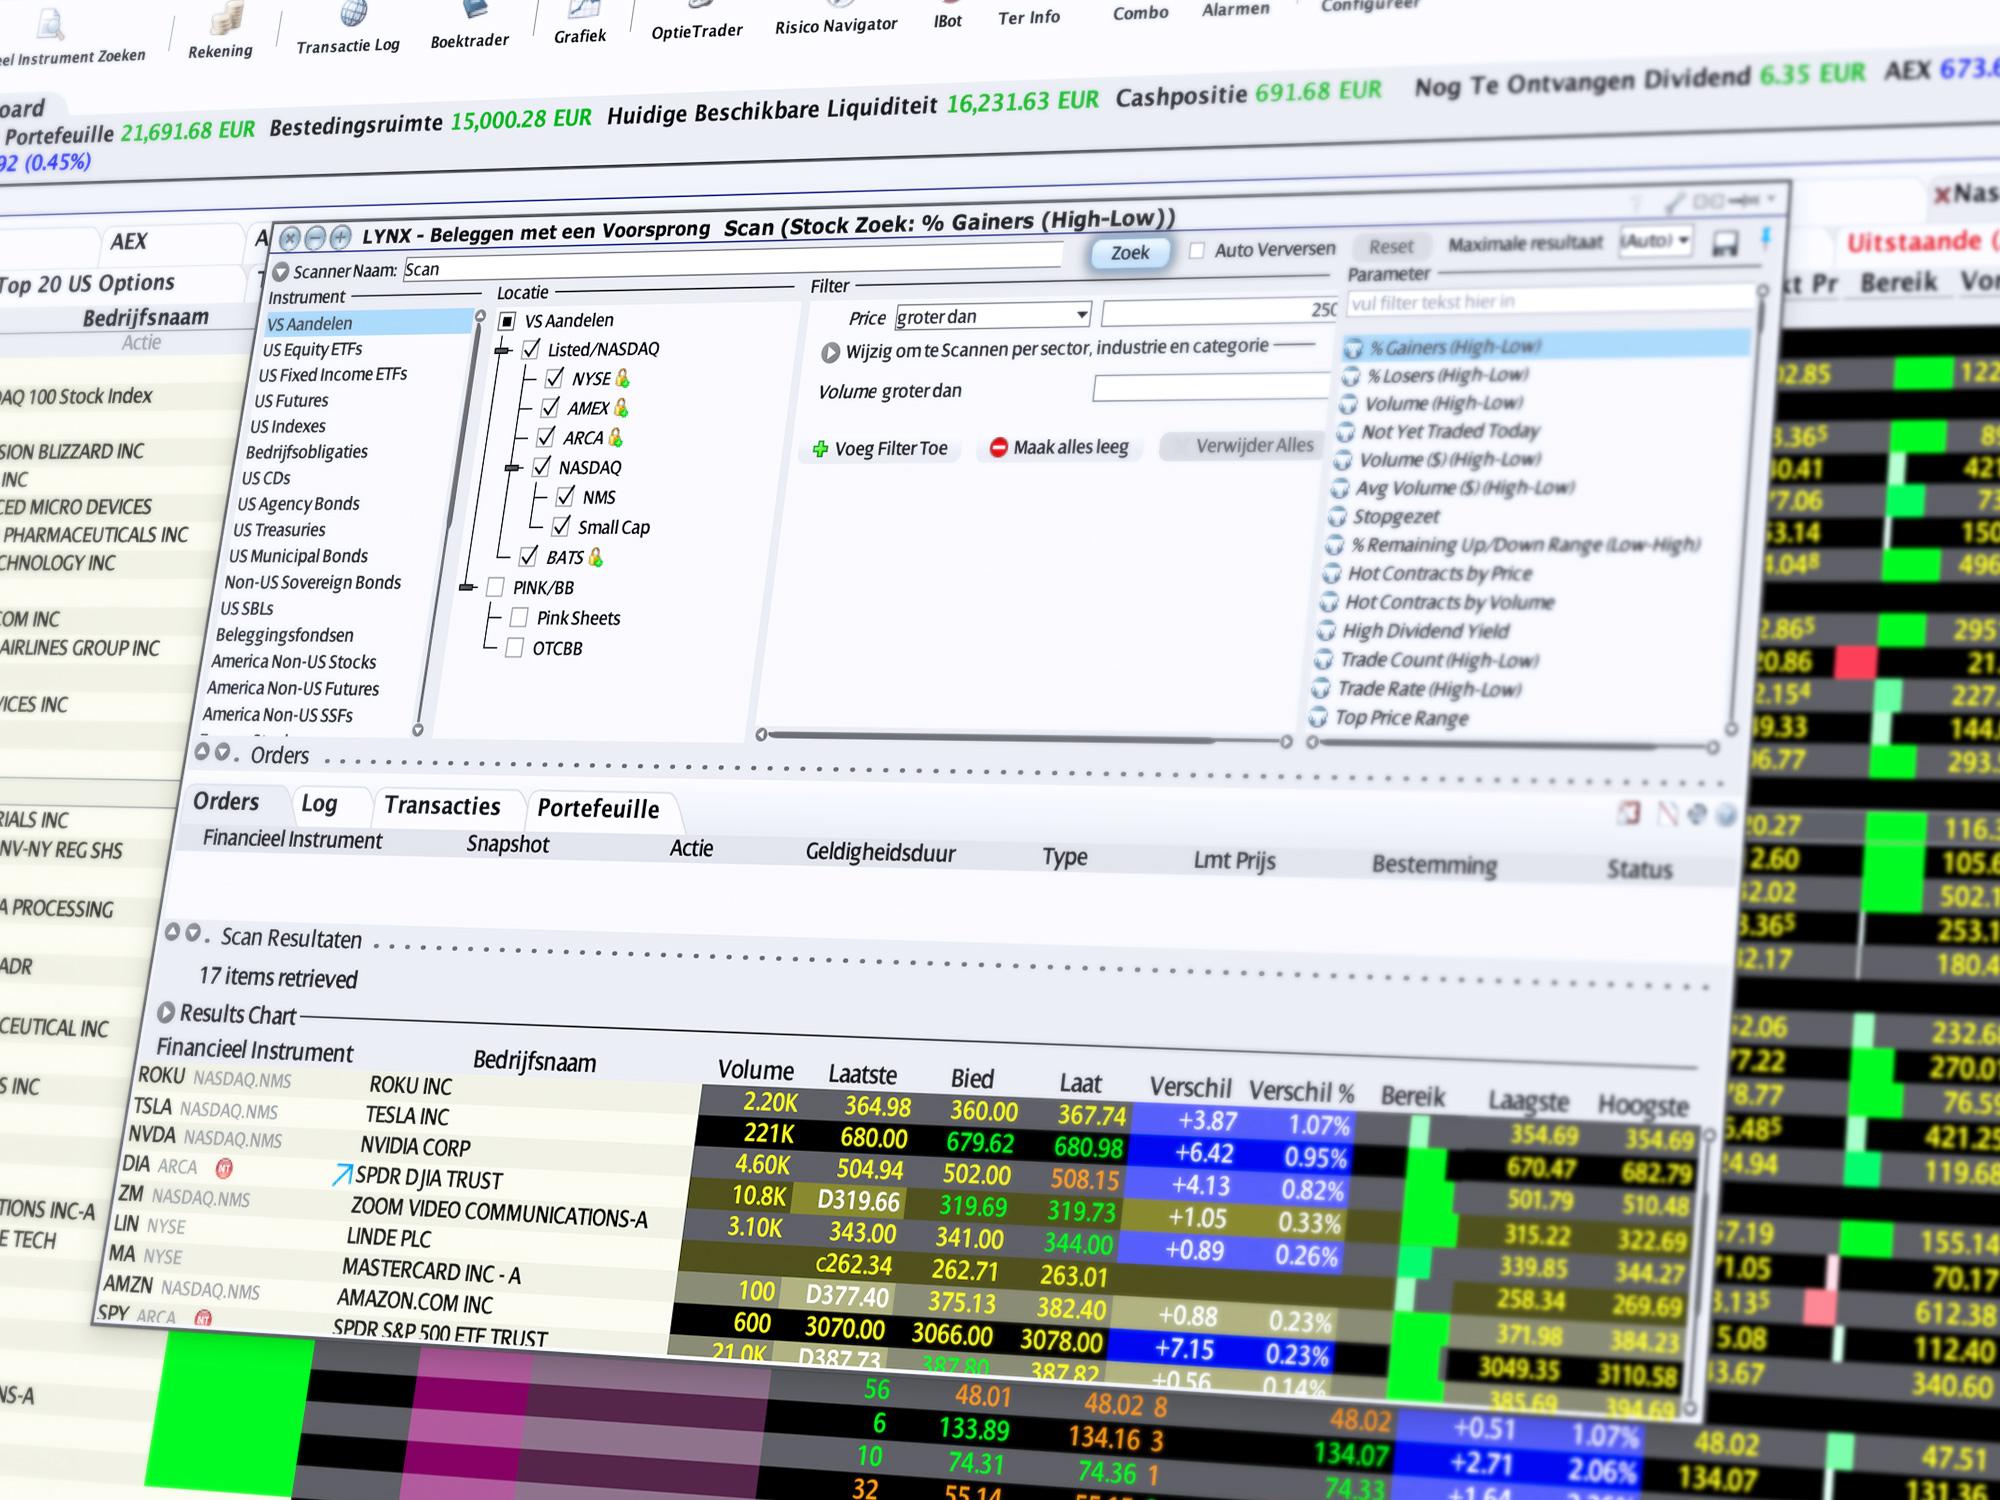 Markt Scanner - effecten zoeken